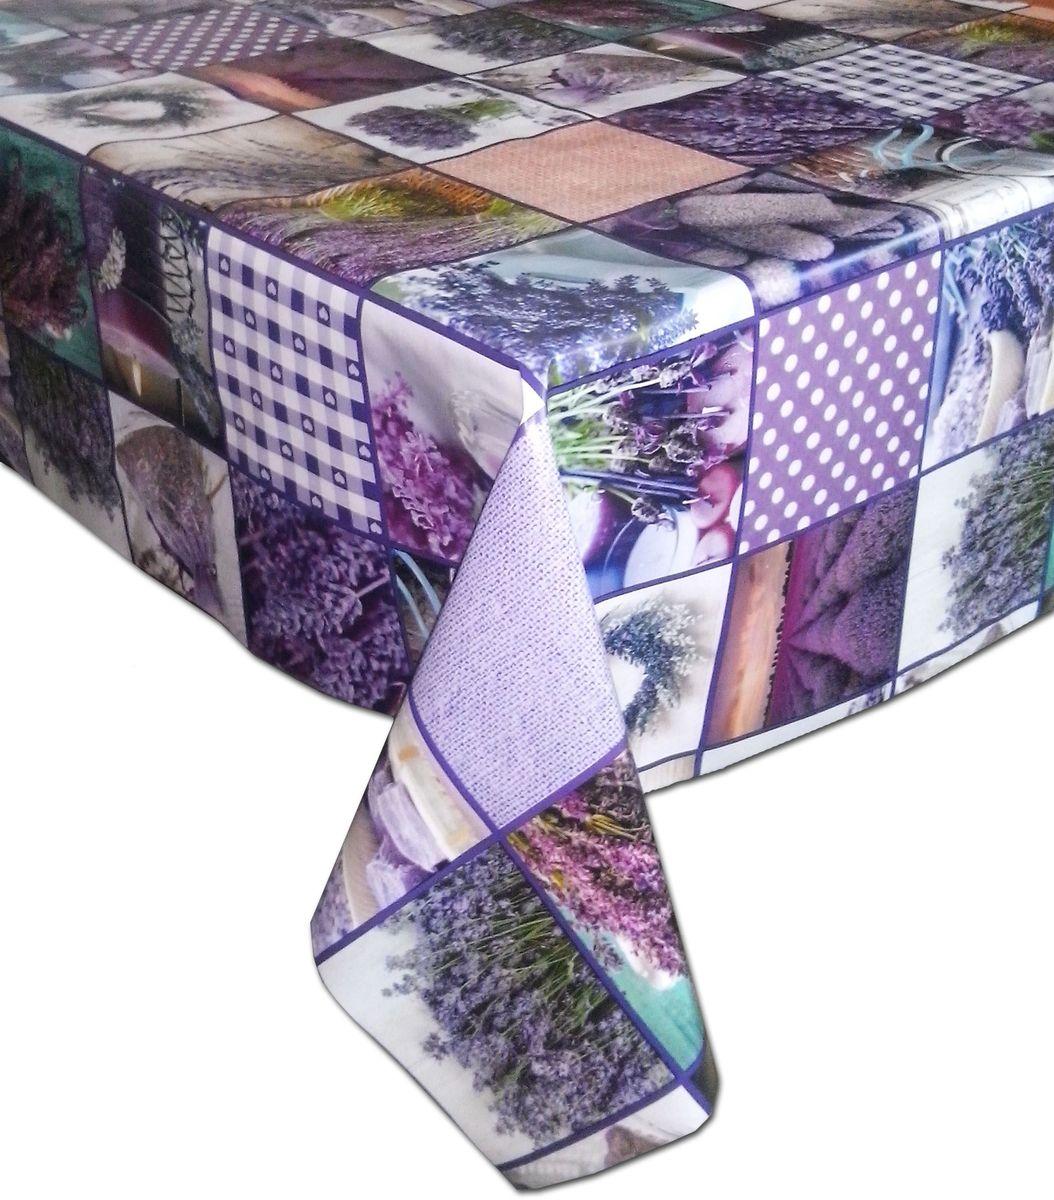 Клеенка столовая LCadesi Florista, прямоугольная, цвет: фиолетовый, 130 х 165 смFL130165-309-00Столовая клеенка LCadesi Florista с ярким дизайном украсит ваш стол и защитит его от царапин и пятен. Благодаря основе из нетканого материала не скользит по столу. Клеенка не имеет запаха и совершенно безопасна для человека.